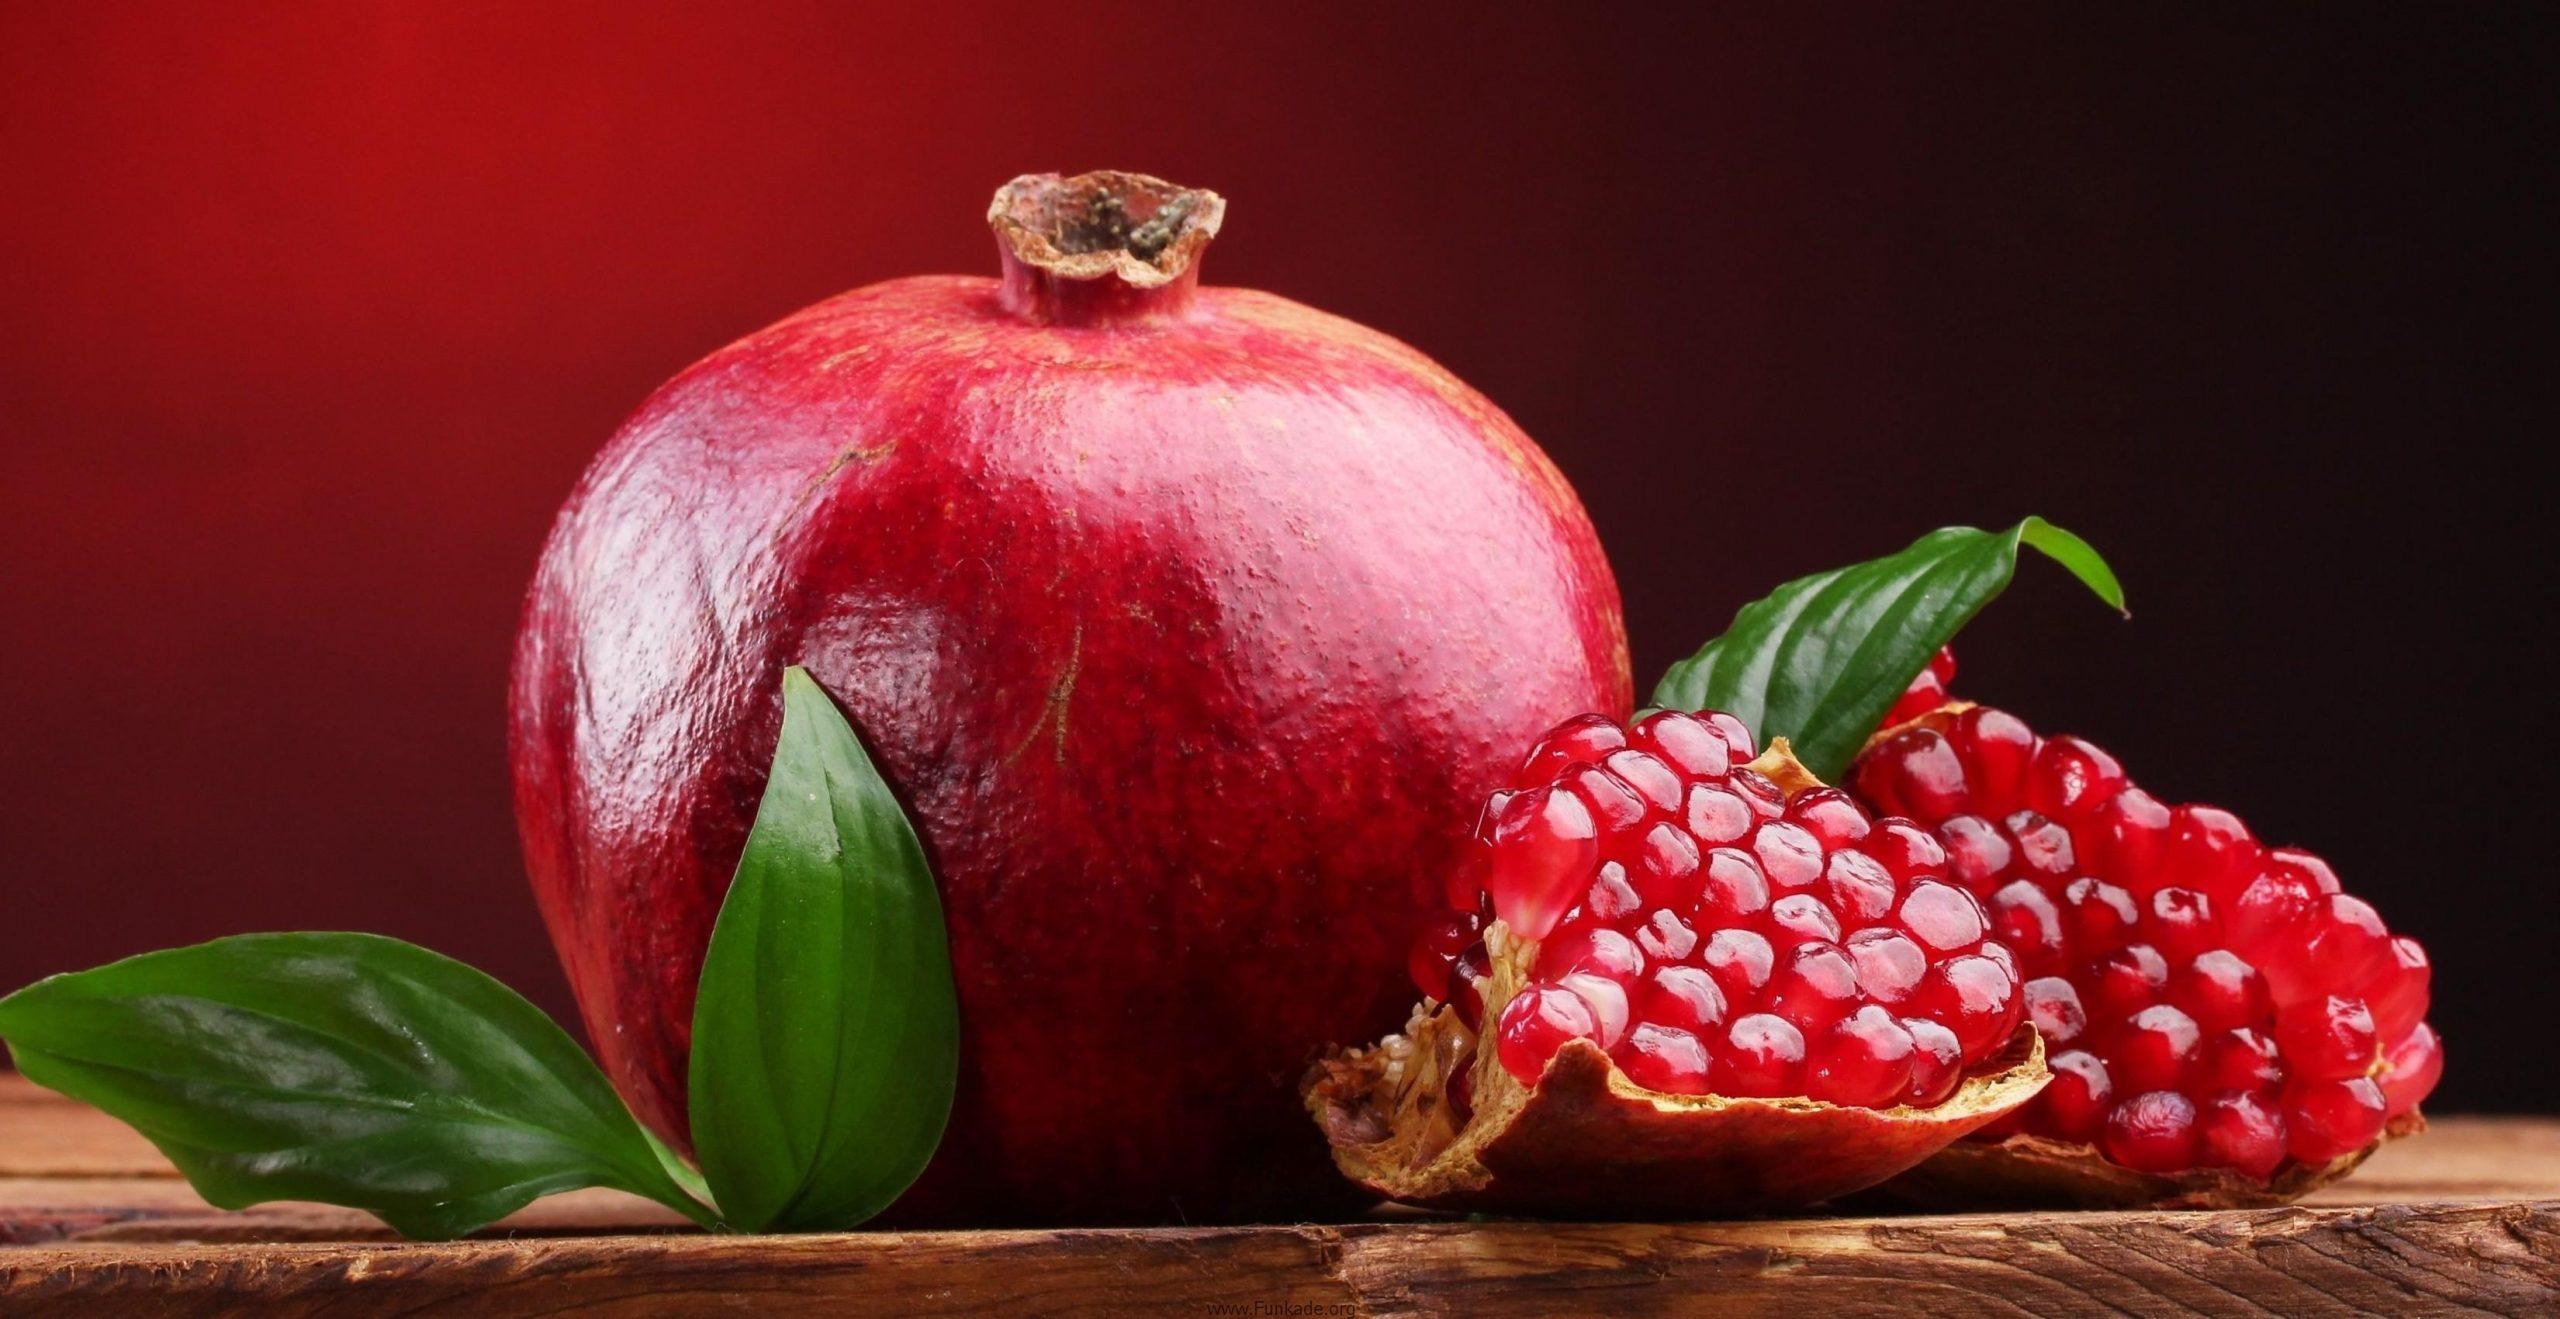 تصویر از زیبایی را به کمک پوست این میوه تجربه کنید!